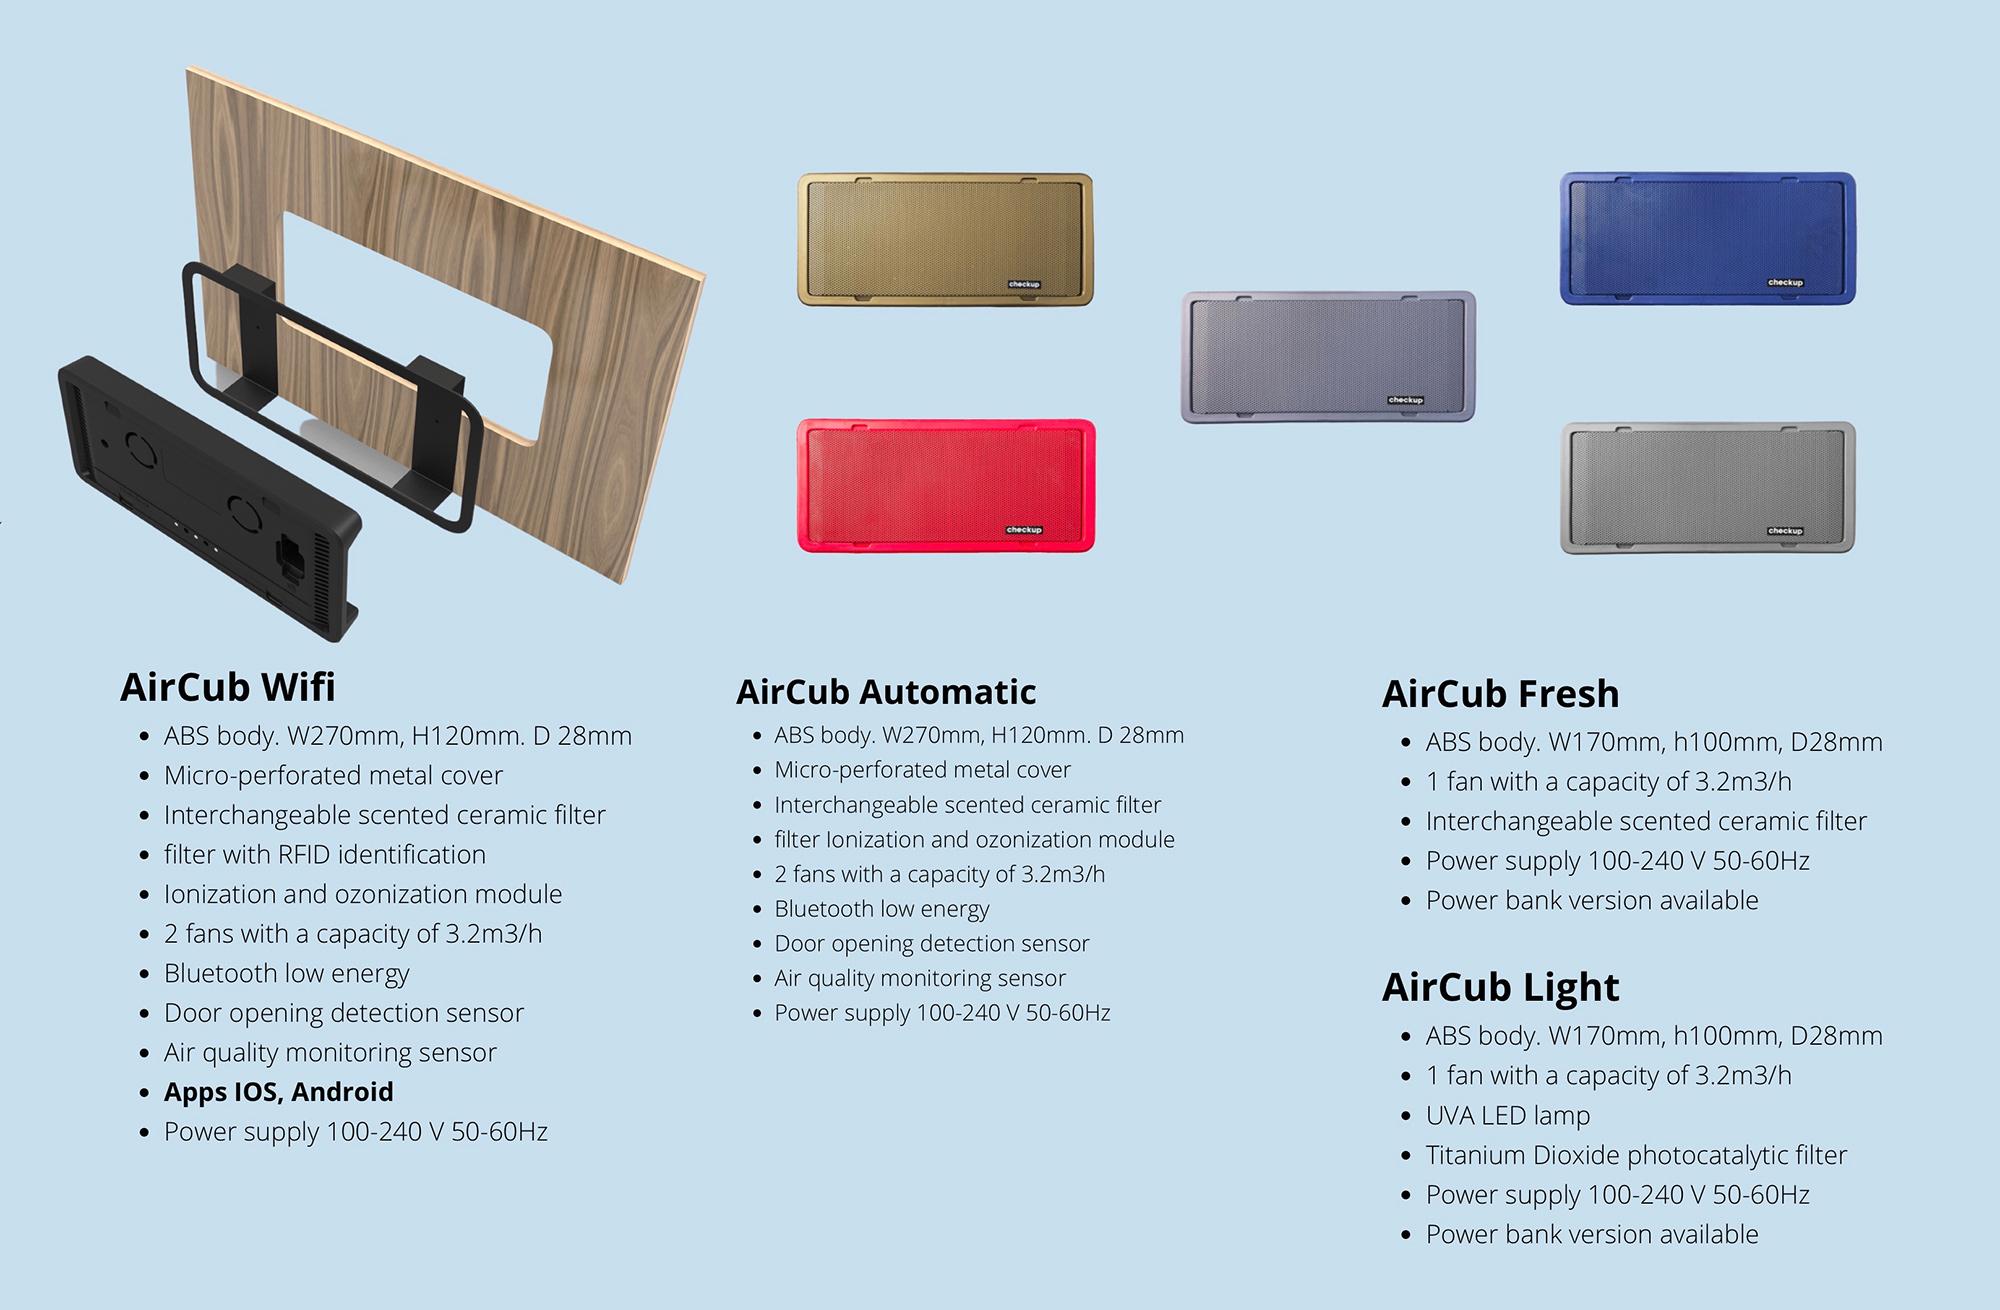 AirCub Light